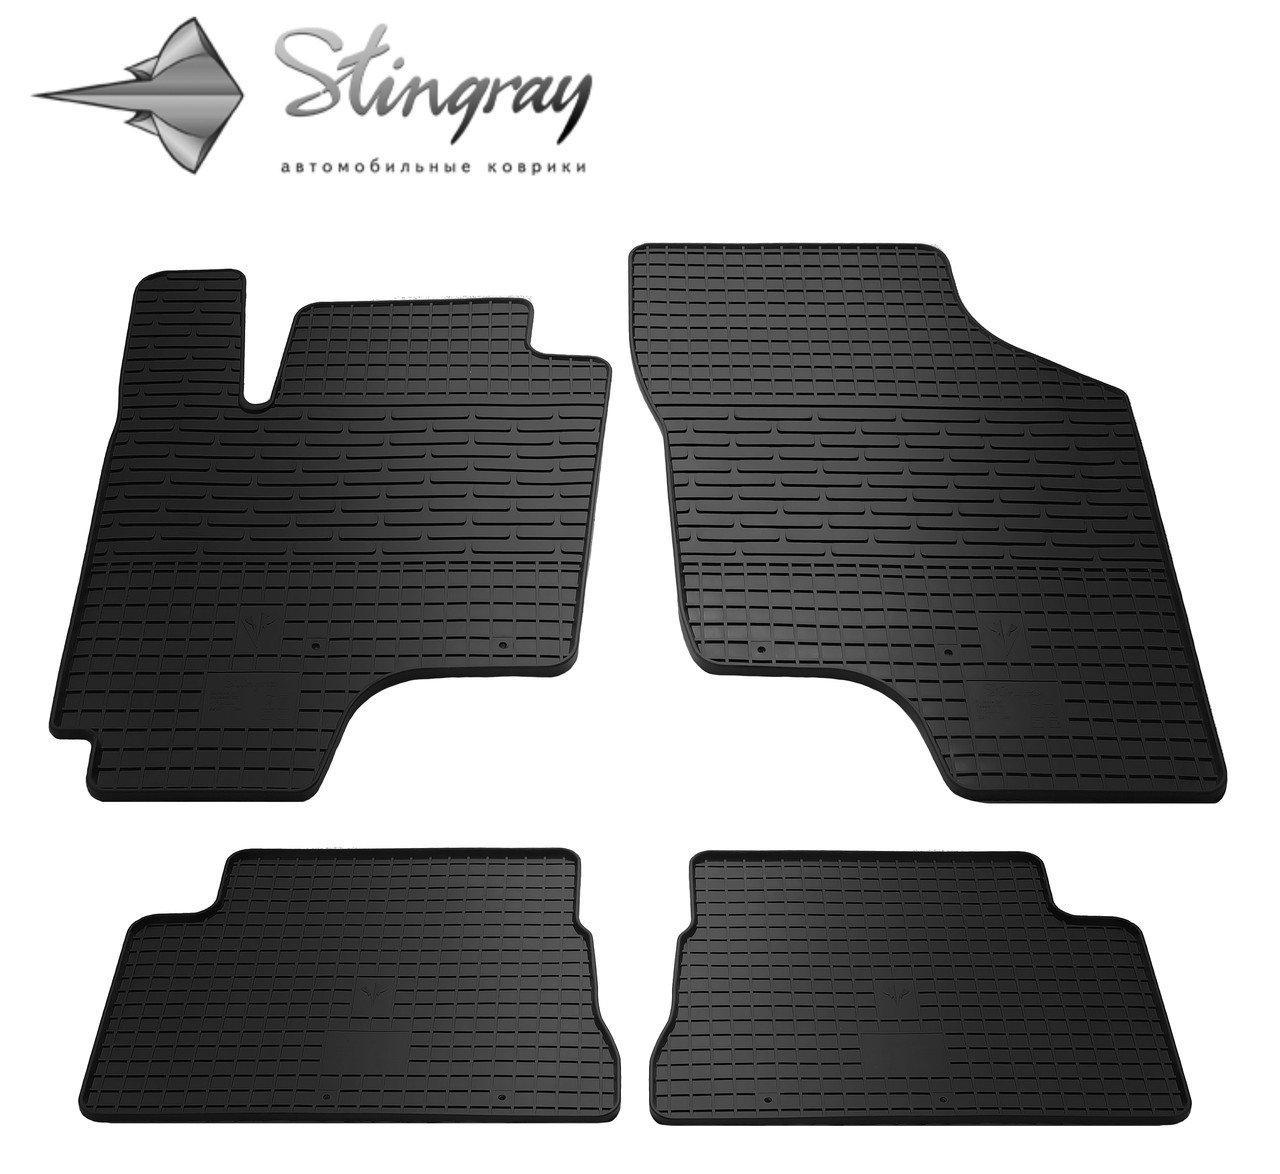 Автомобильные коврики Hyundai Getz 2002- Stingray